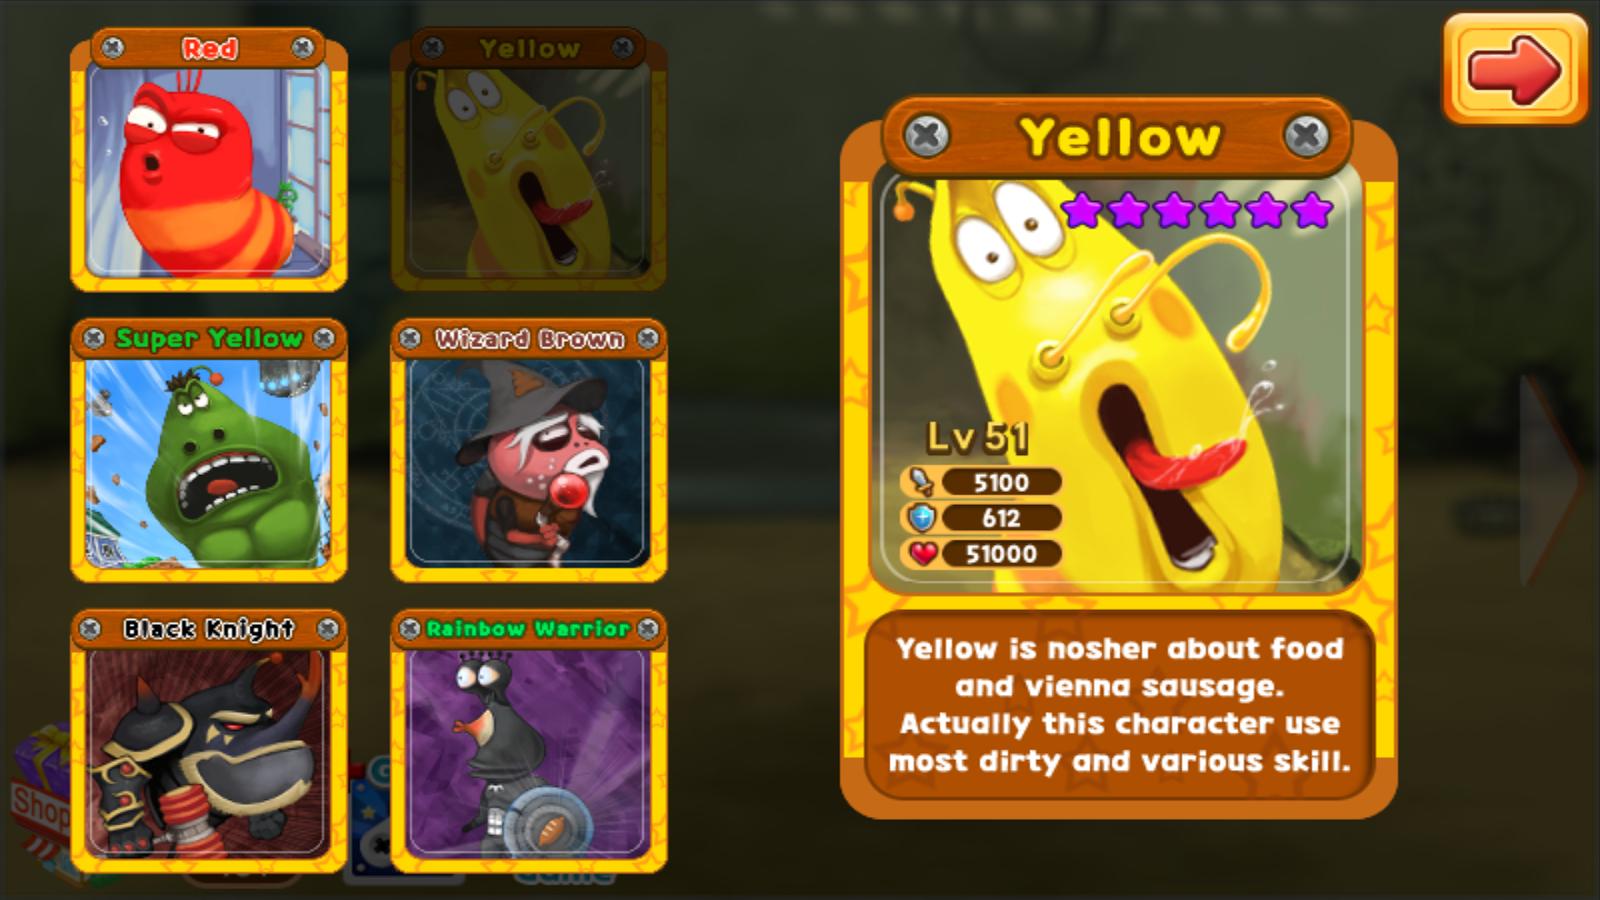 kiểm soát 2 chú sâu của bạn và tấn công hang ổ của kẻ thù dùng vàng để kiếm  thêm nhiều đồng đội mà bạn mong muốn, ...